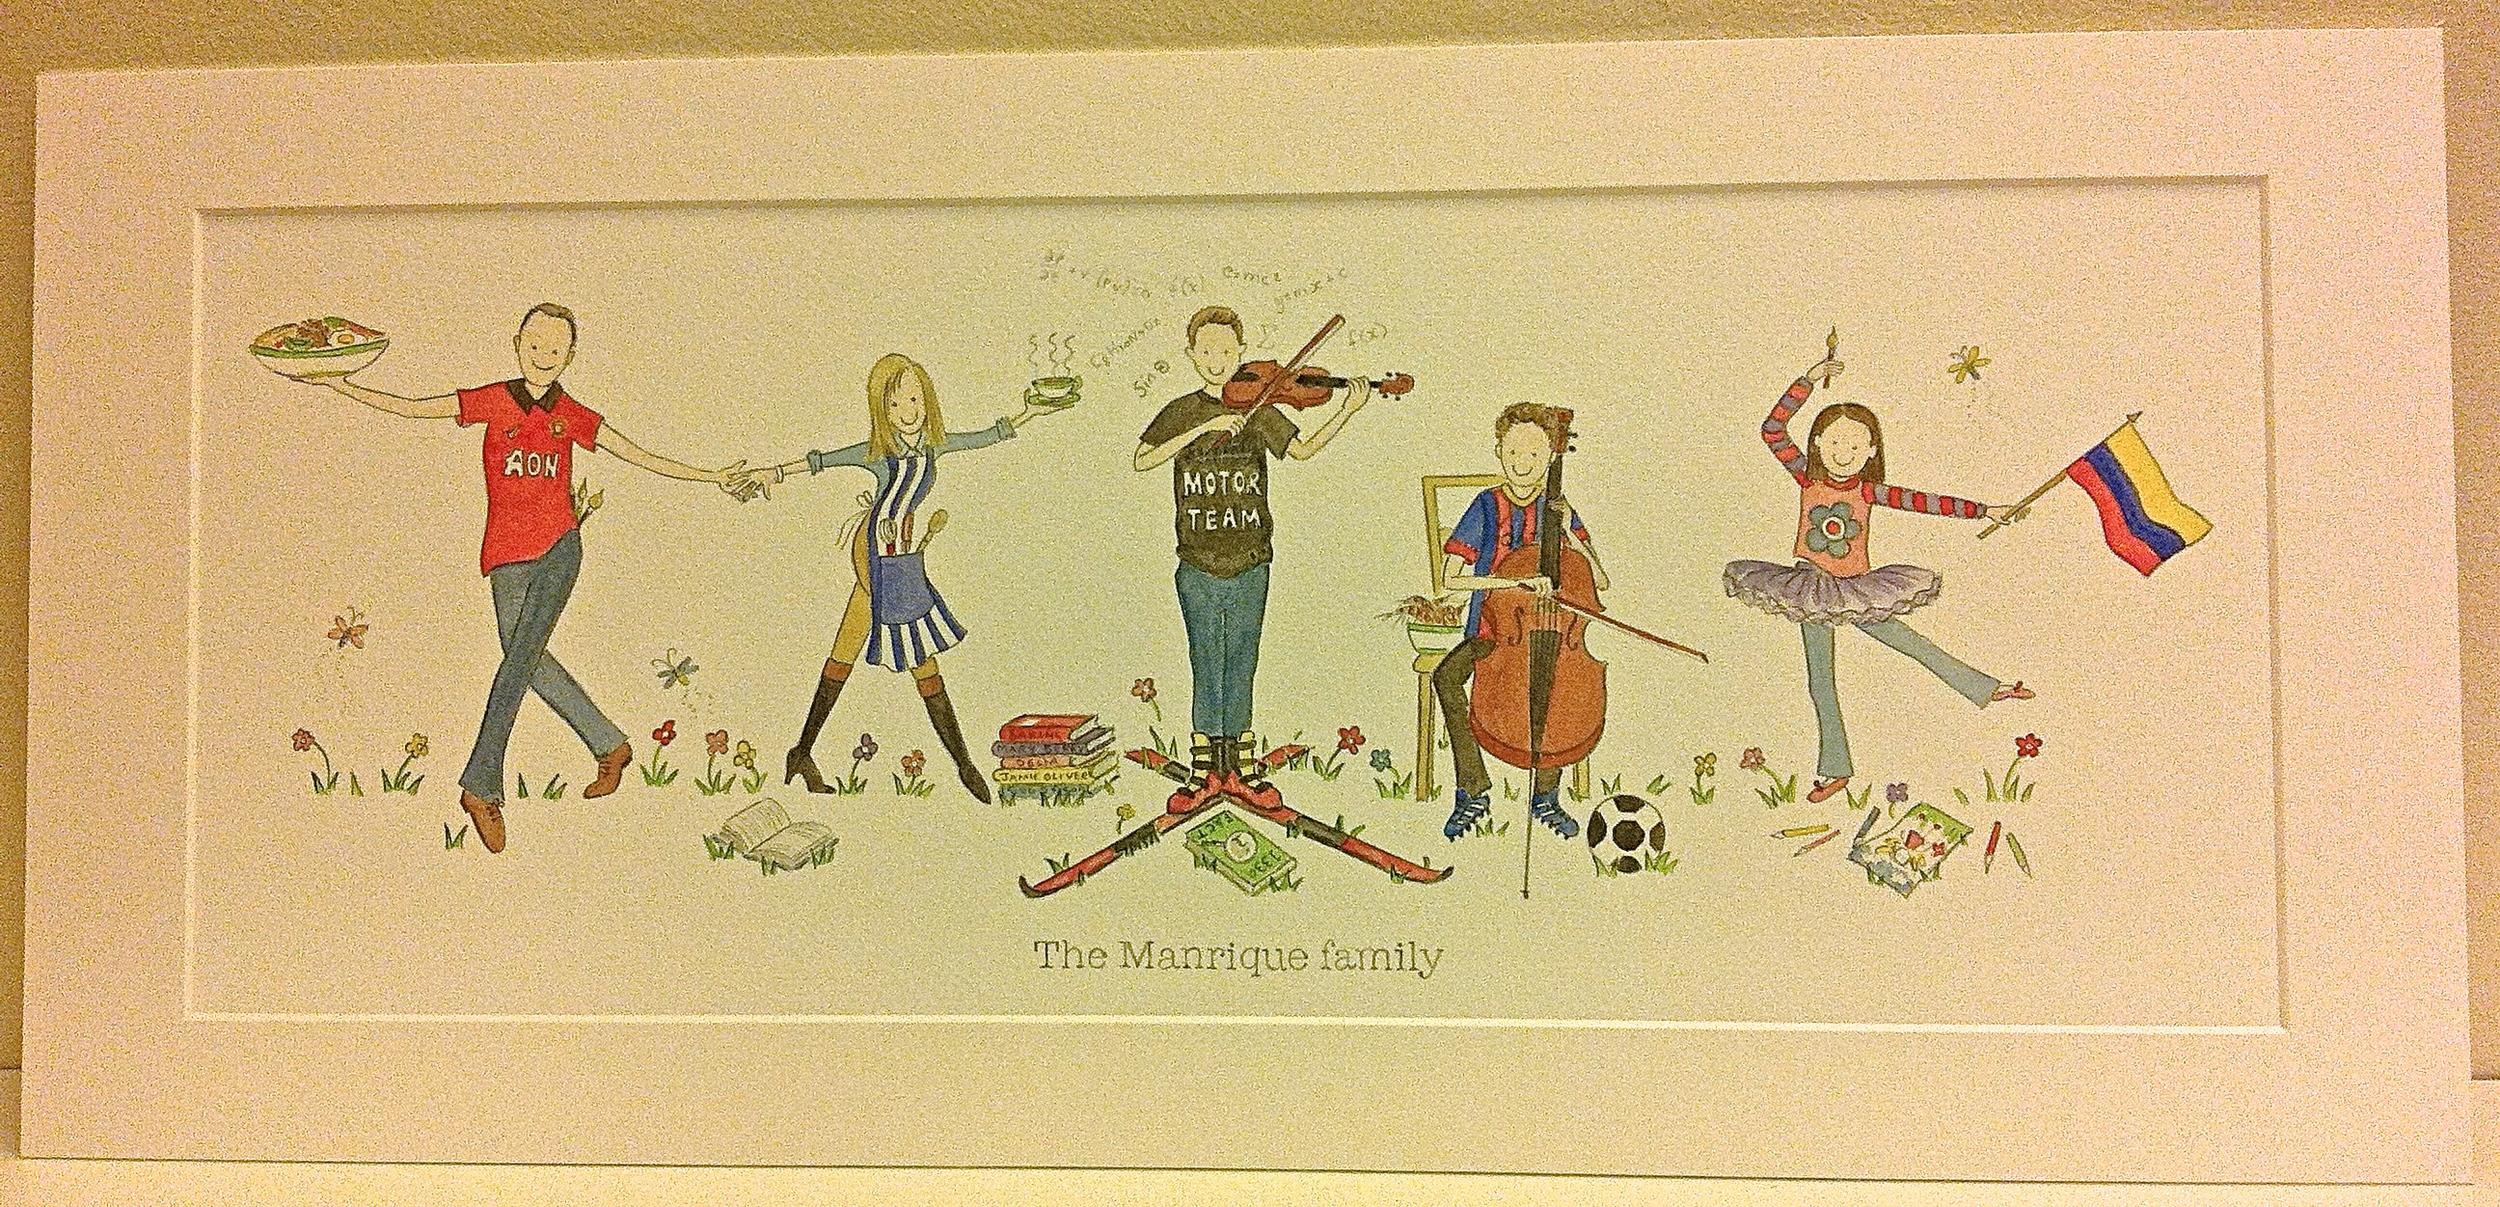 Manrique family.jpg